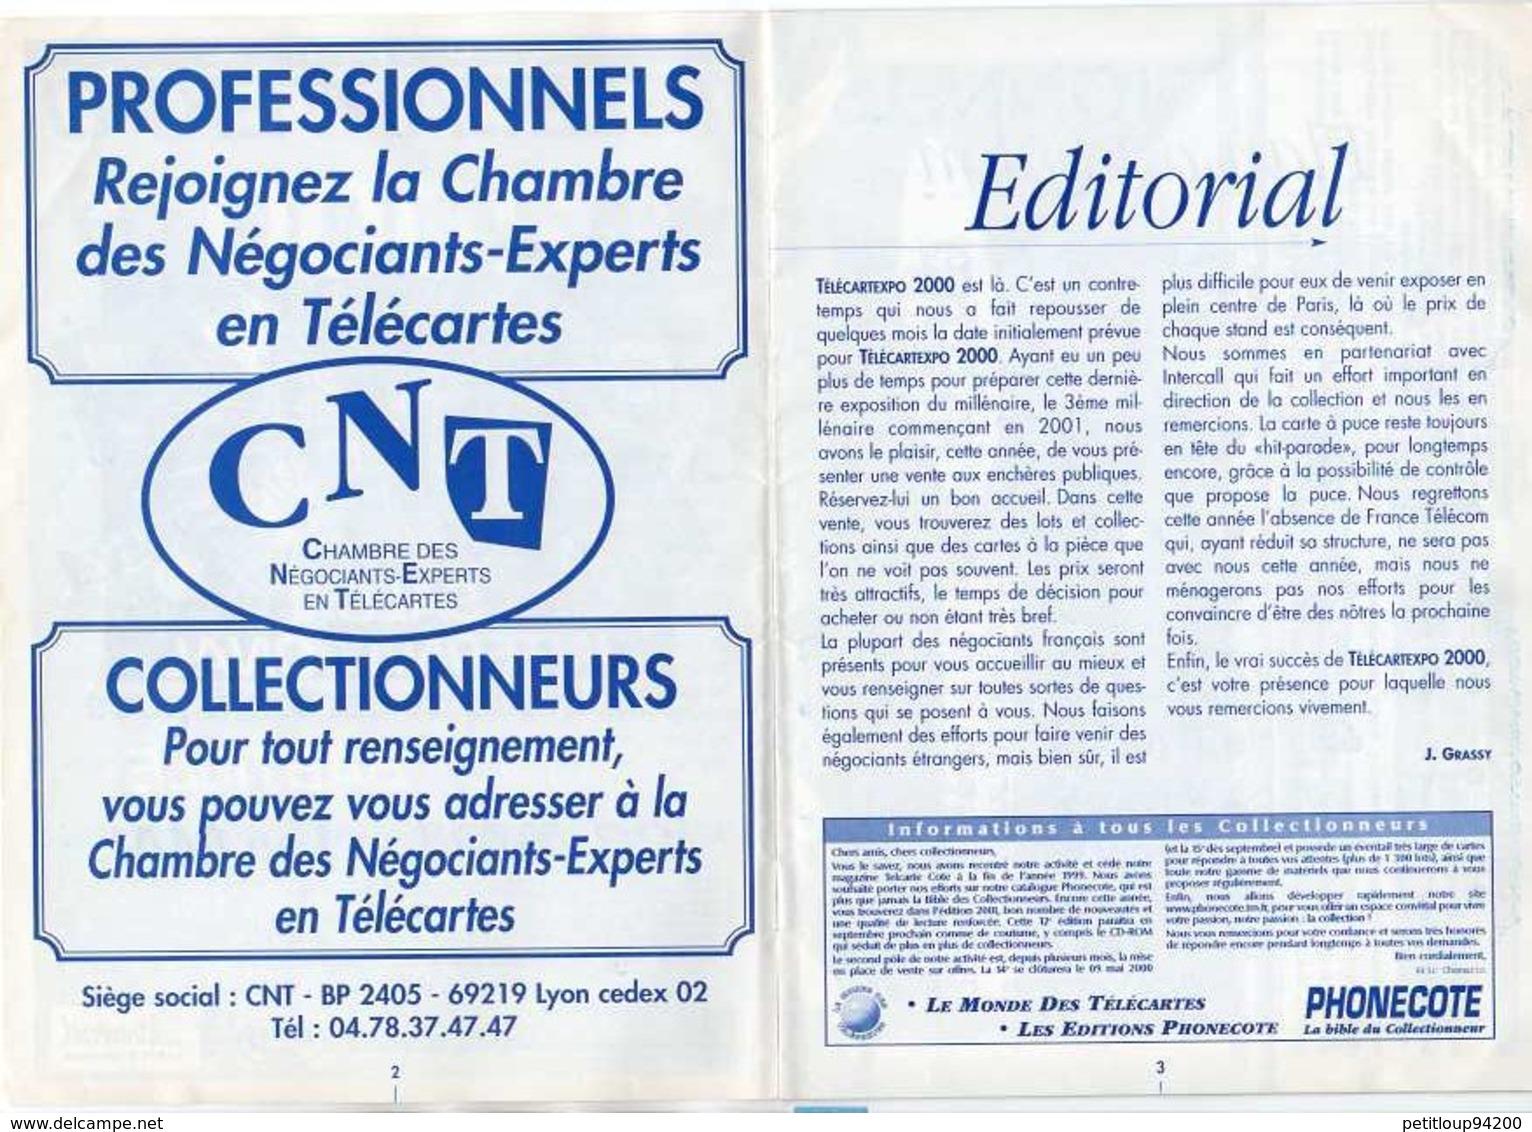 GUIDE VENTE AUX ENCHERES PUBLIQUES Télécartexpo 2000  AVRIL 2000 - Telefonkarten